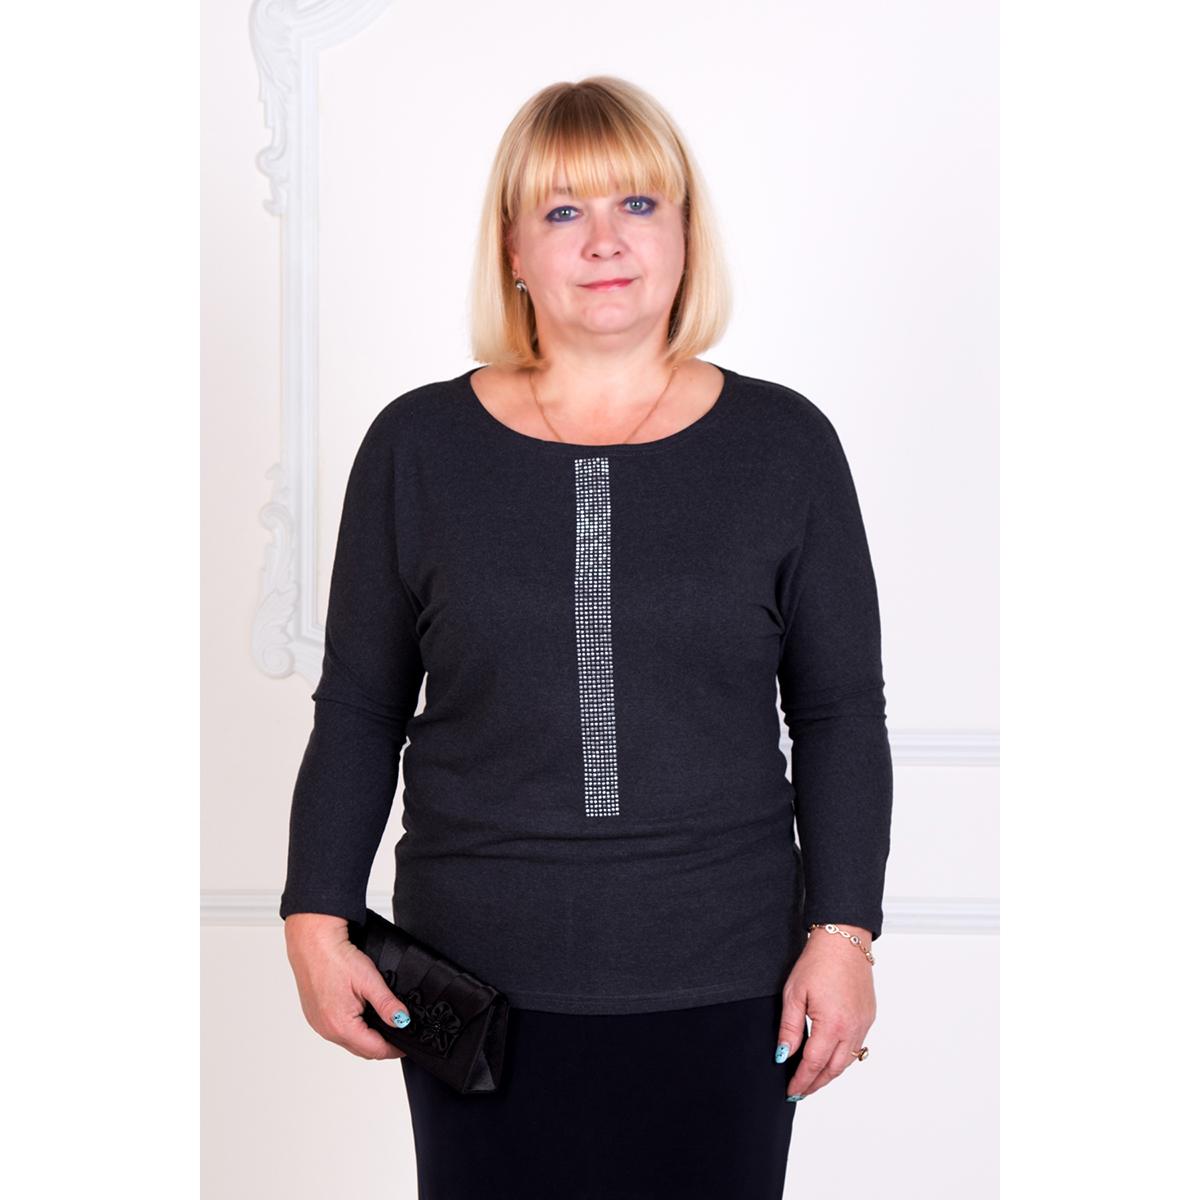 Женская блуза Симфония Антрацитовый, размер 44Блузы<br>Обхват груди: 88 см <br>Обхват талии: 68 см <br>Обхват бедер: 96 см <br>Рост: 167 см<br><br>Тип: Жен. блуза<br>Размер: 44<br>Материал: Хамур